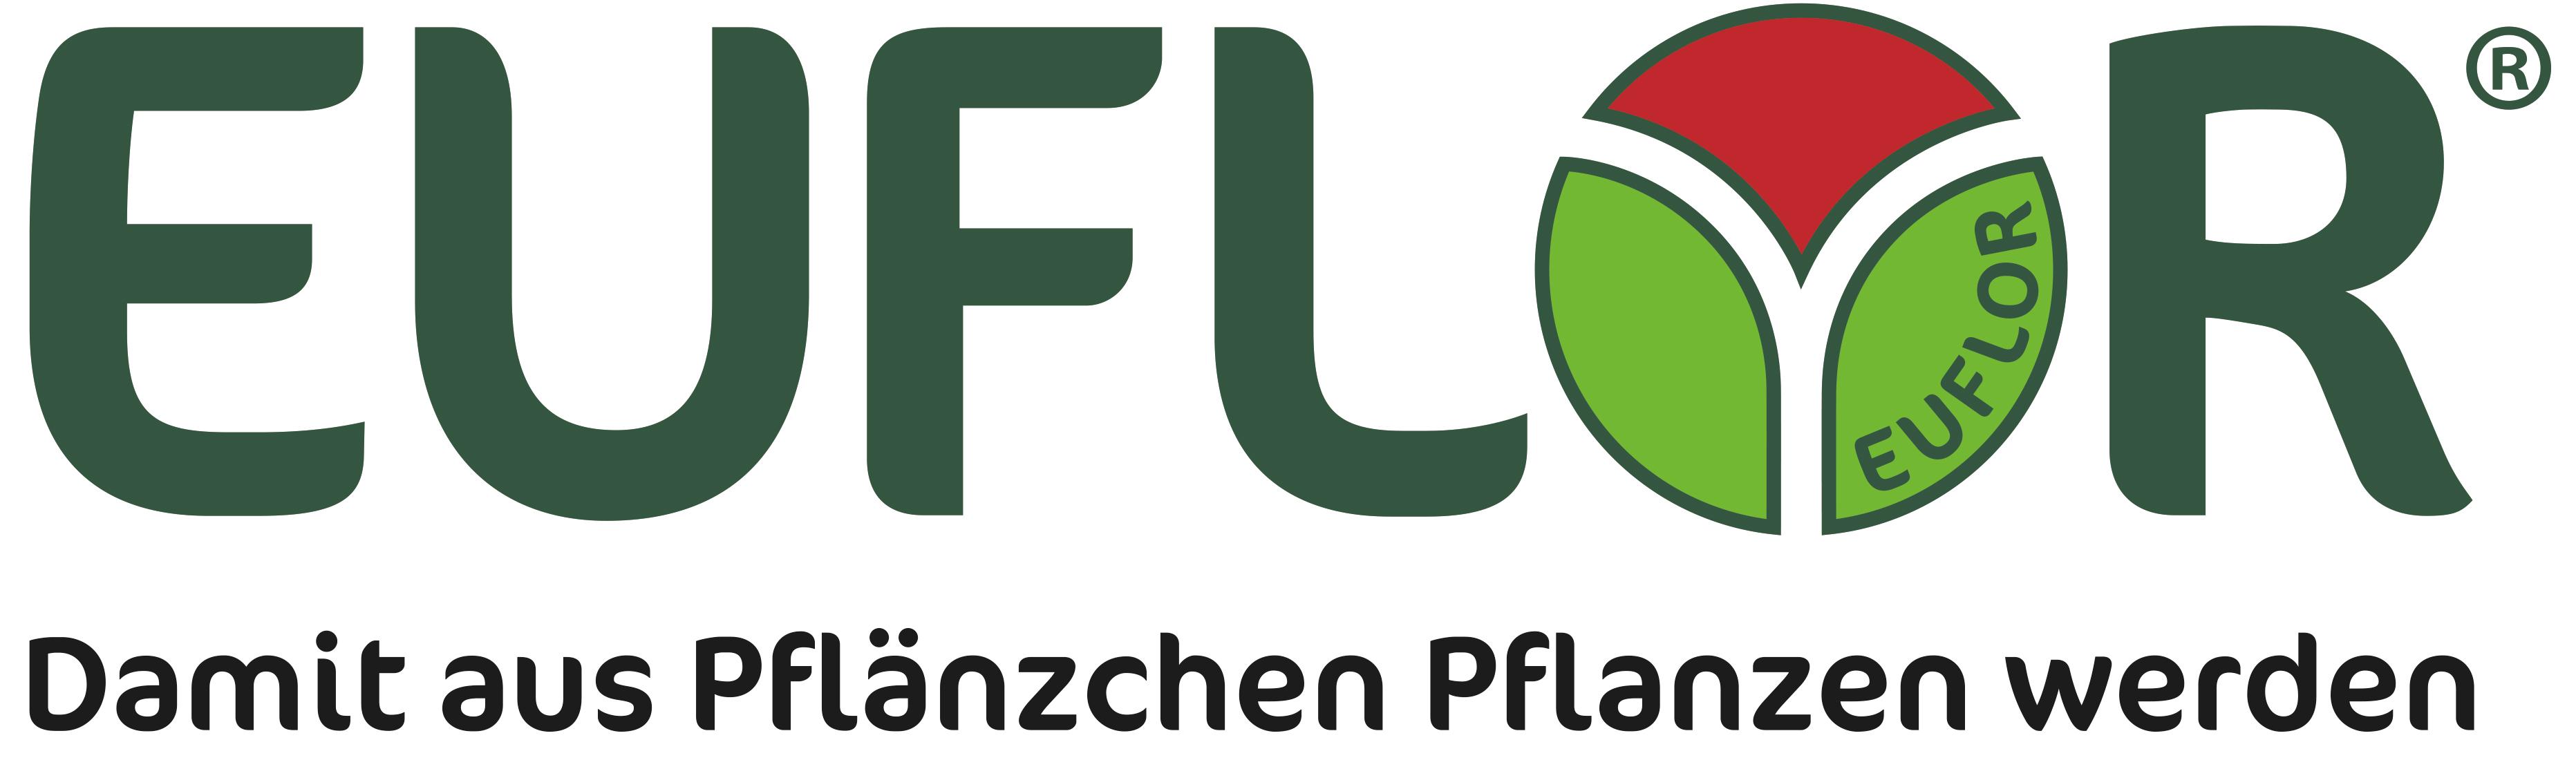 Gartenbedarf  Exhibitor: Euflor GmbH für Gartenbedarf | IPM ESSEN